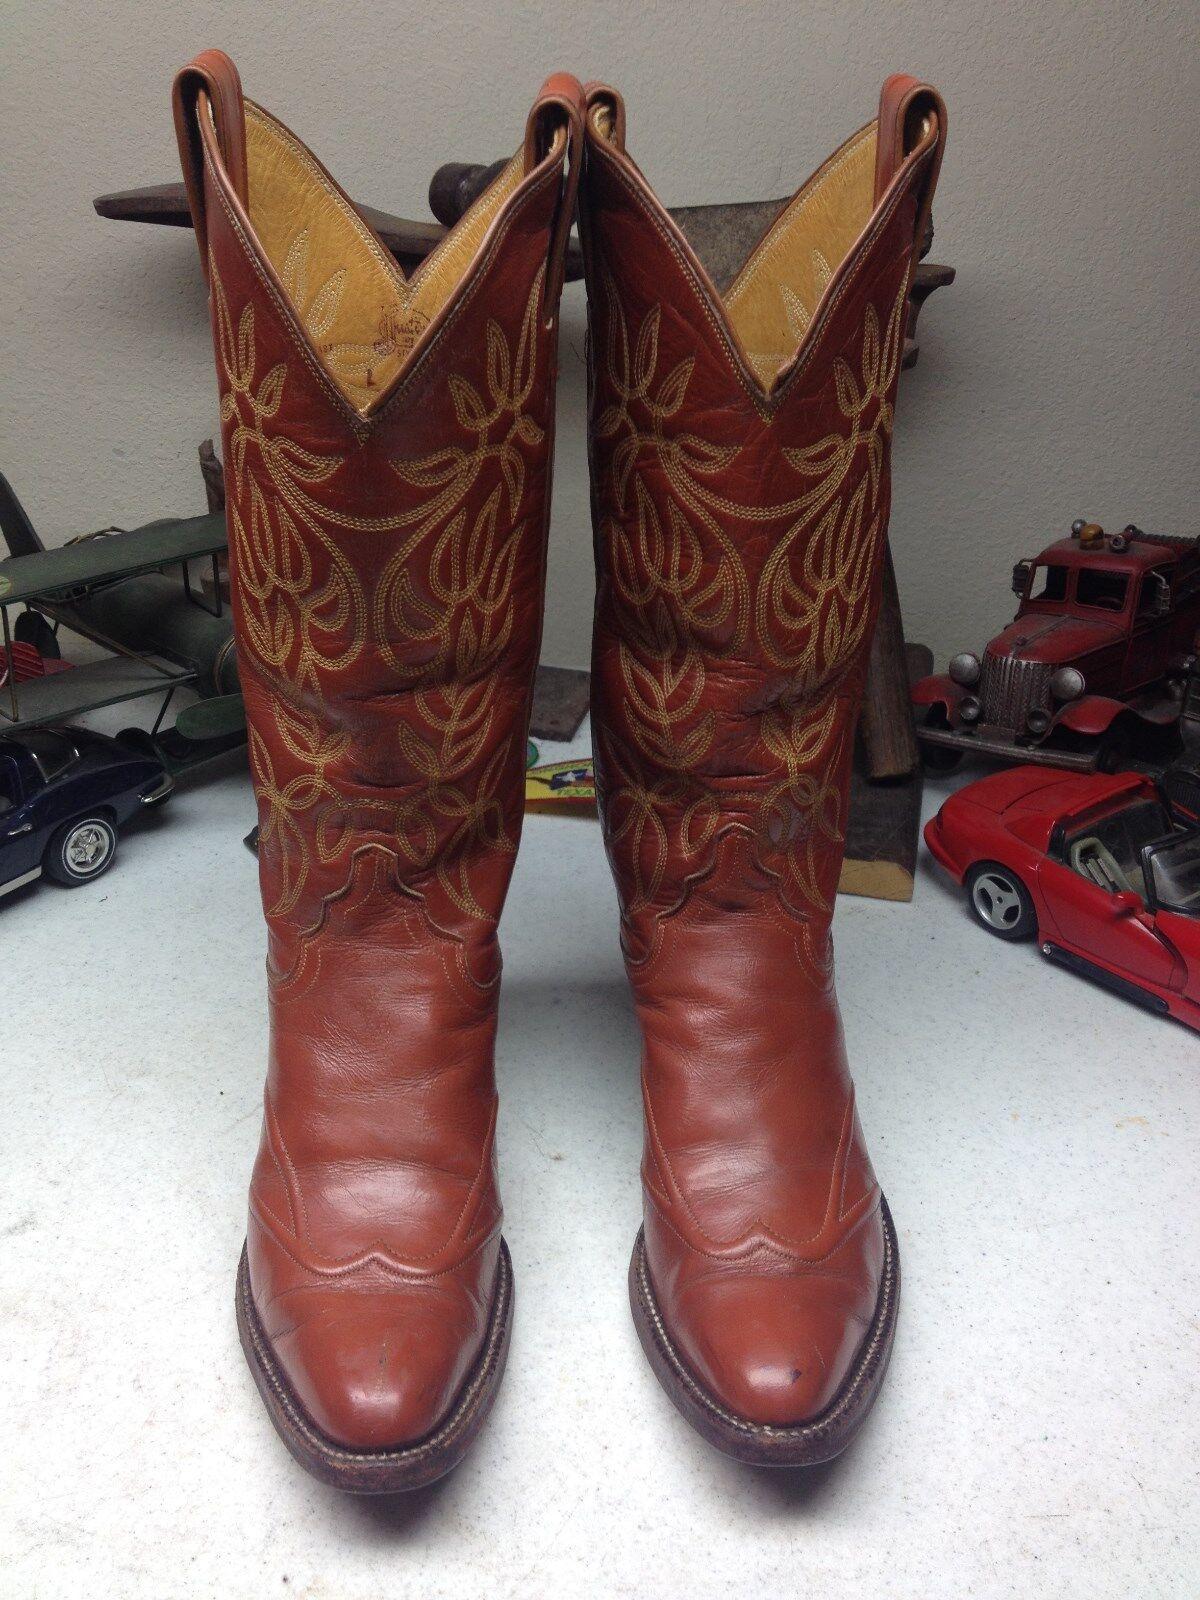 acquista online oggi JUSTIN 4115 USA USA USA rosso Marrone WESTERN COWBOY RANCH RODEO RIDER  DANCE stivali 5 B  punto vendita